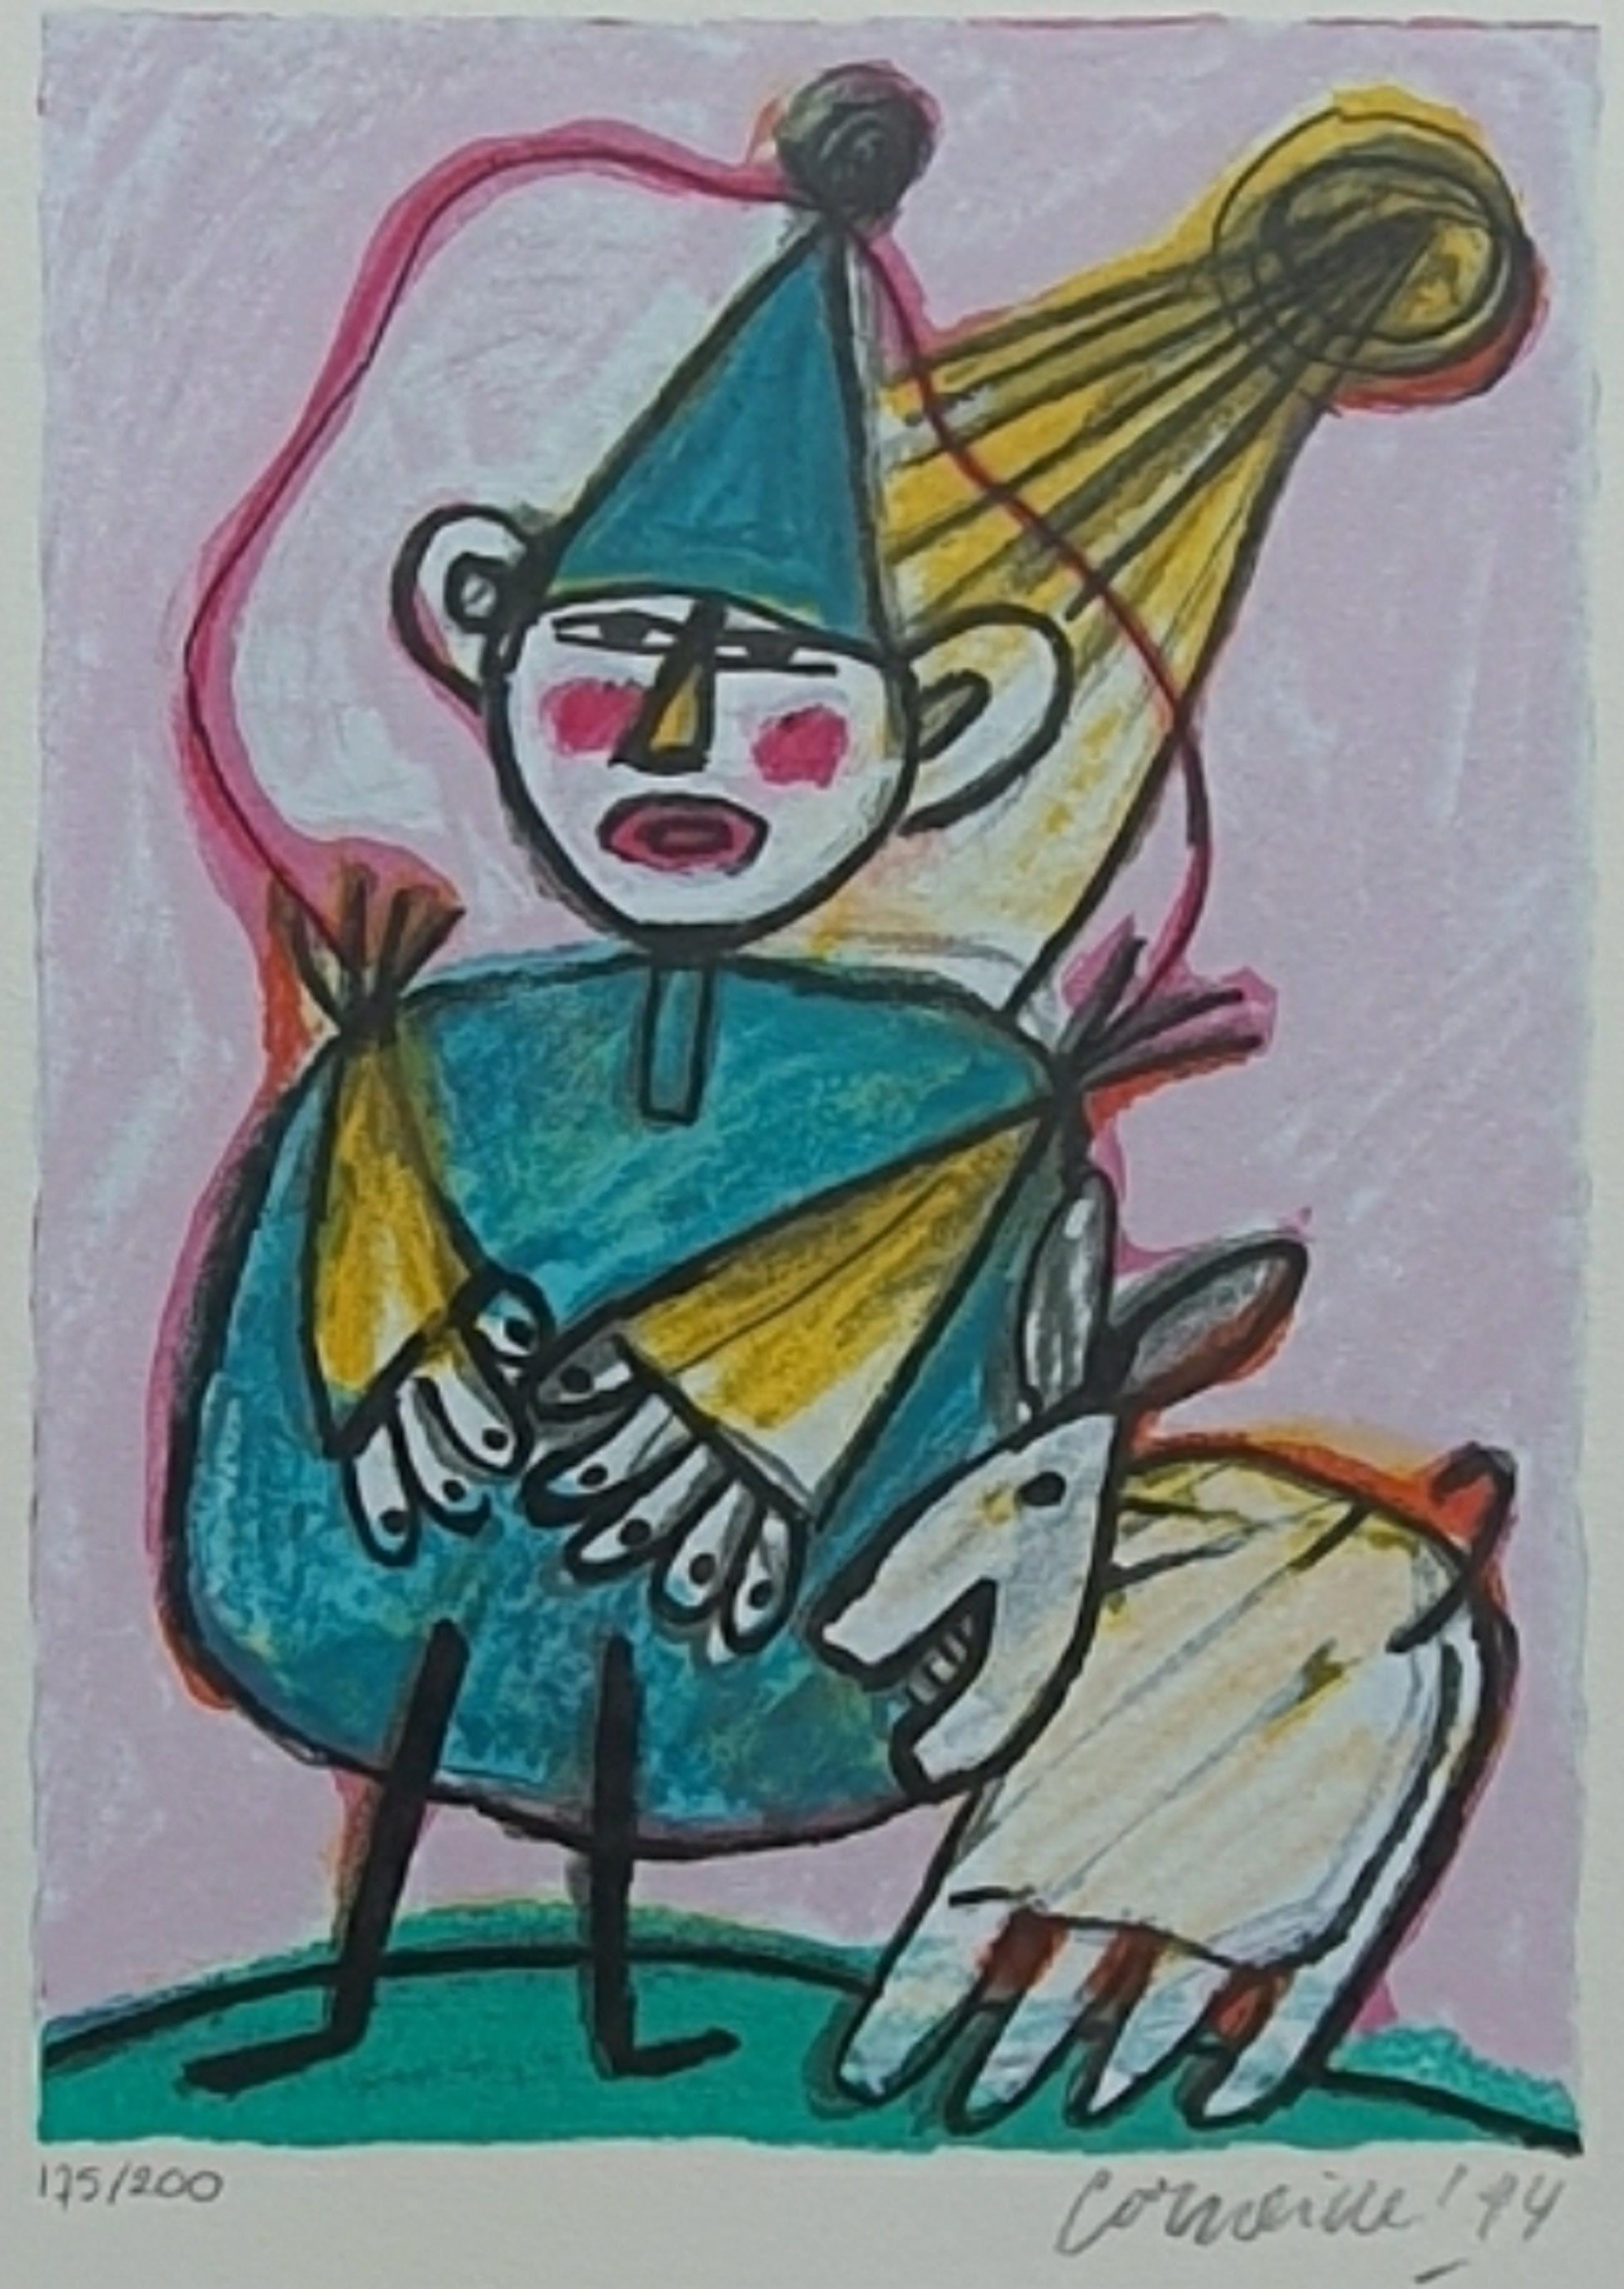 Corneille - Clown - gesigneerd - 200 ex - 1994 - ingelijst kopen? Bied vanaf 225!